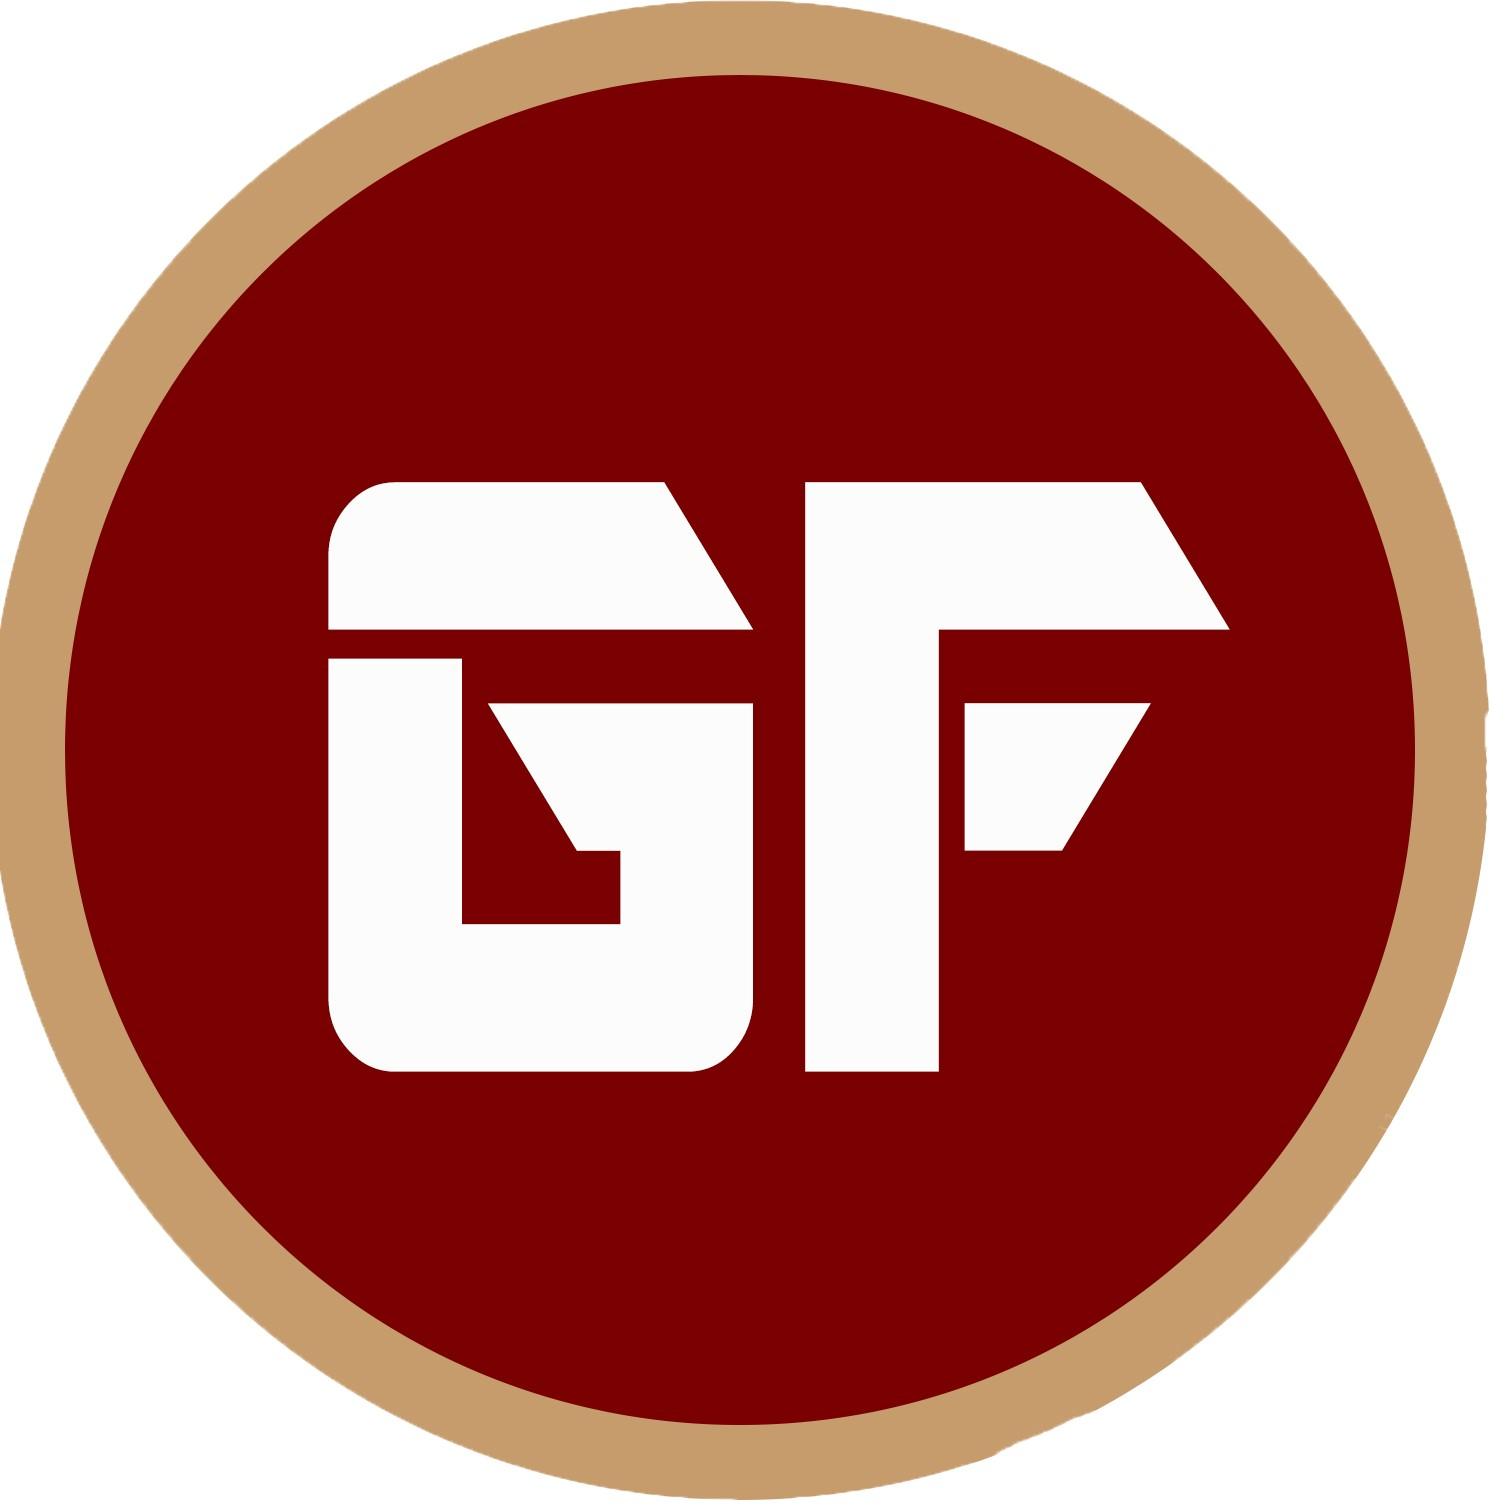 gyaanfeed - logo